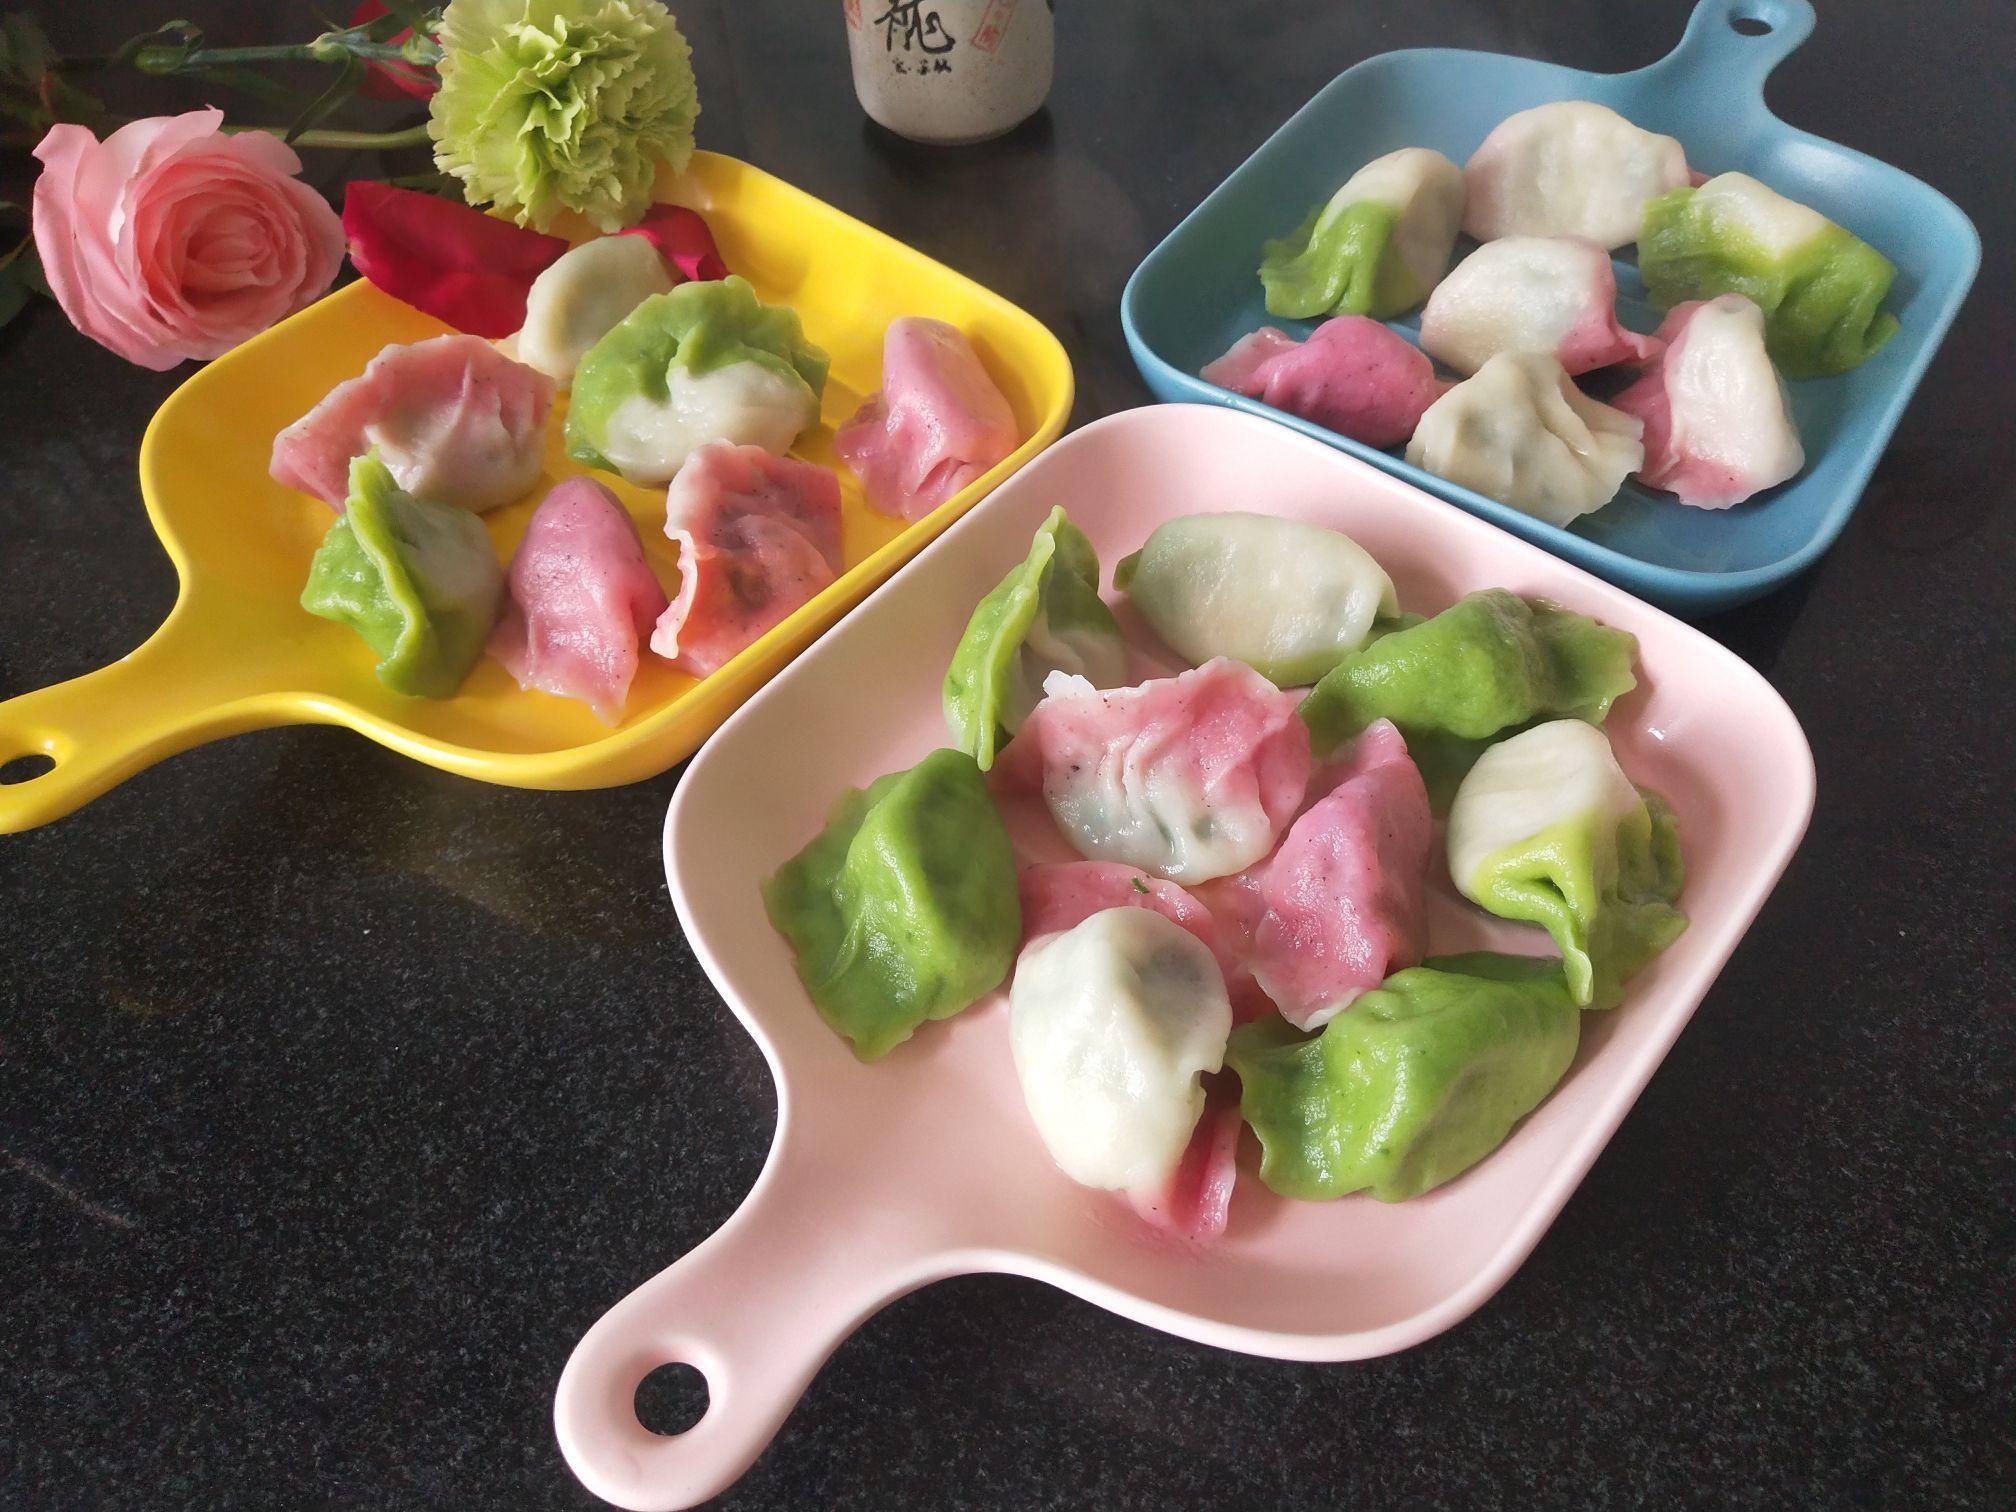 彩色饺子怎么煮